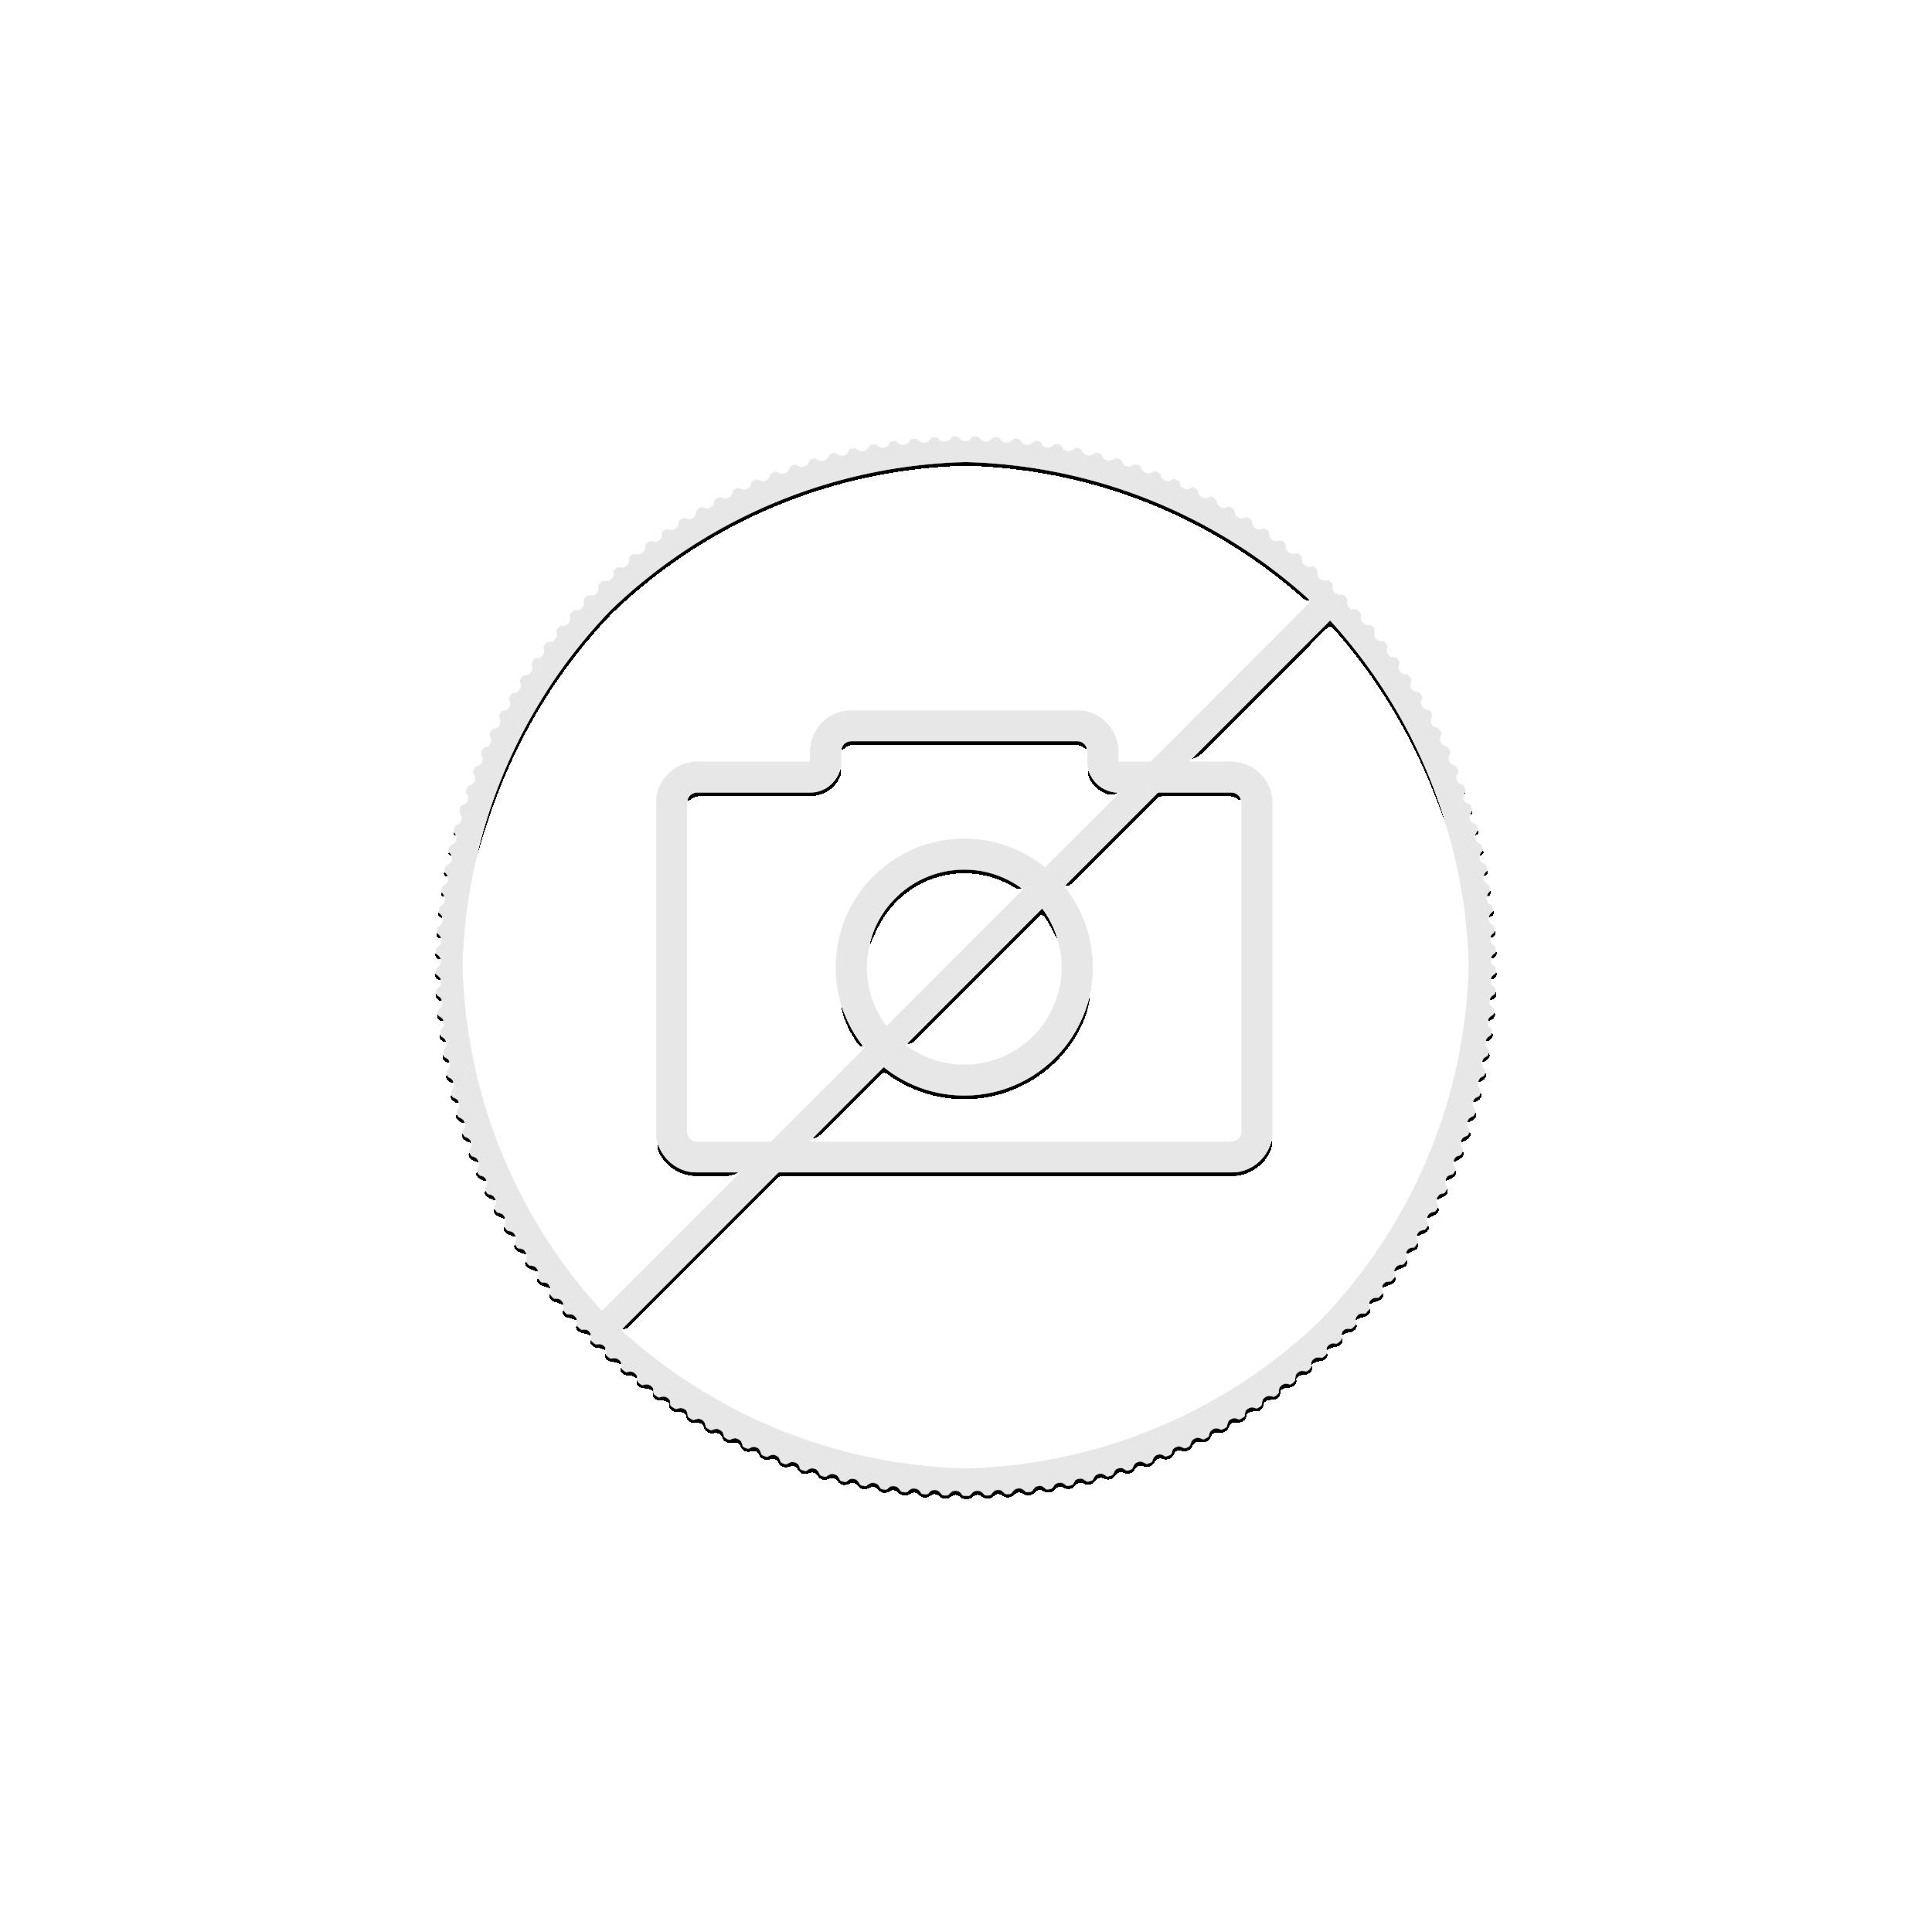 1 Troy ounce zilver Kookaburra 2012